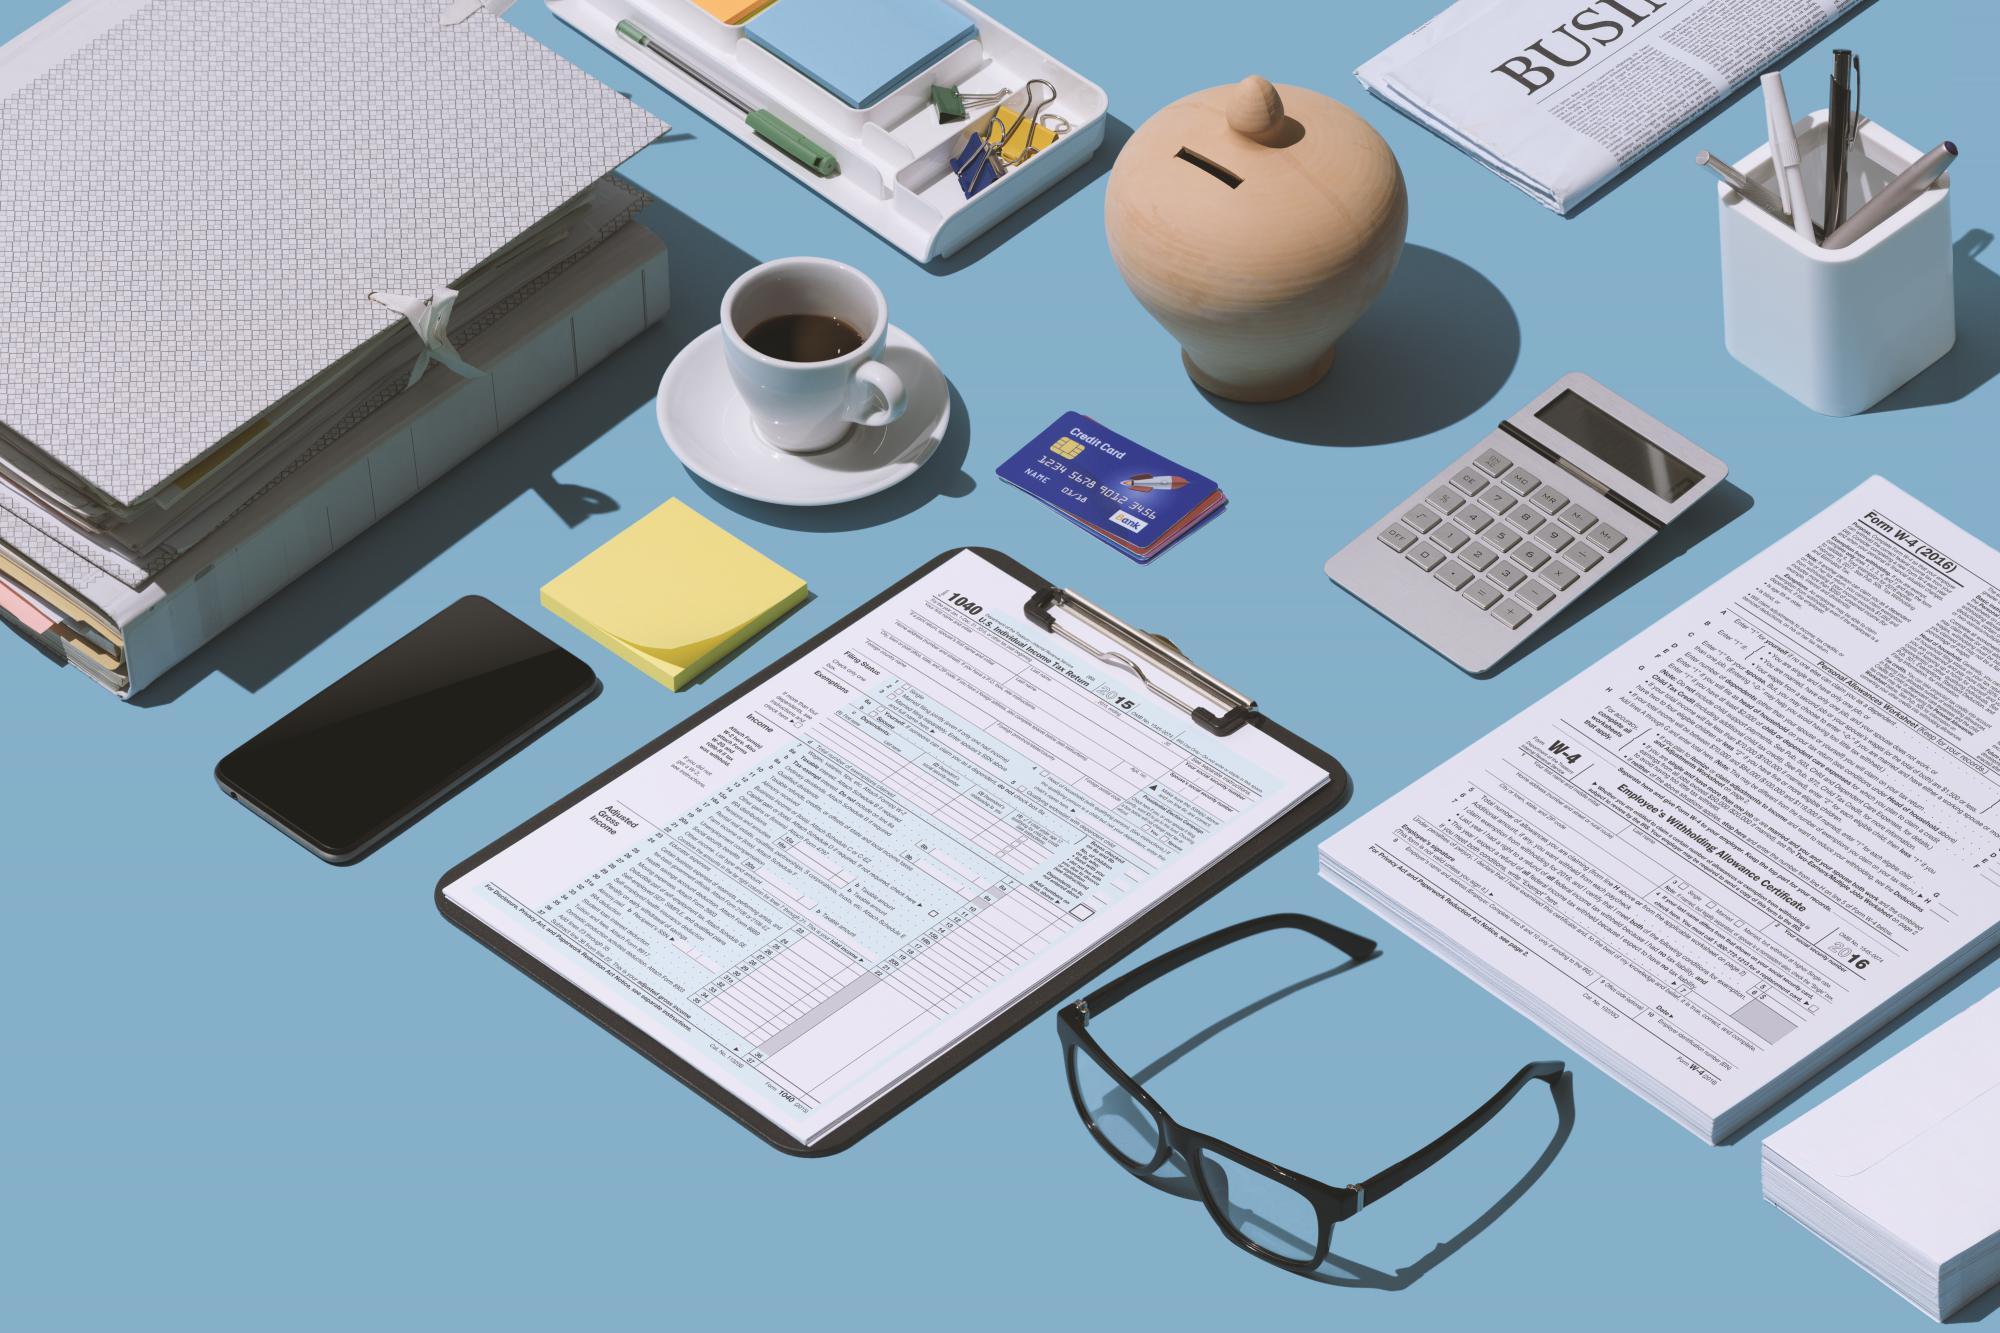 Сообщить в налоговые органы о переходе на УСН с 2013 года следует в соответствии с новой формой уведомления